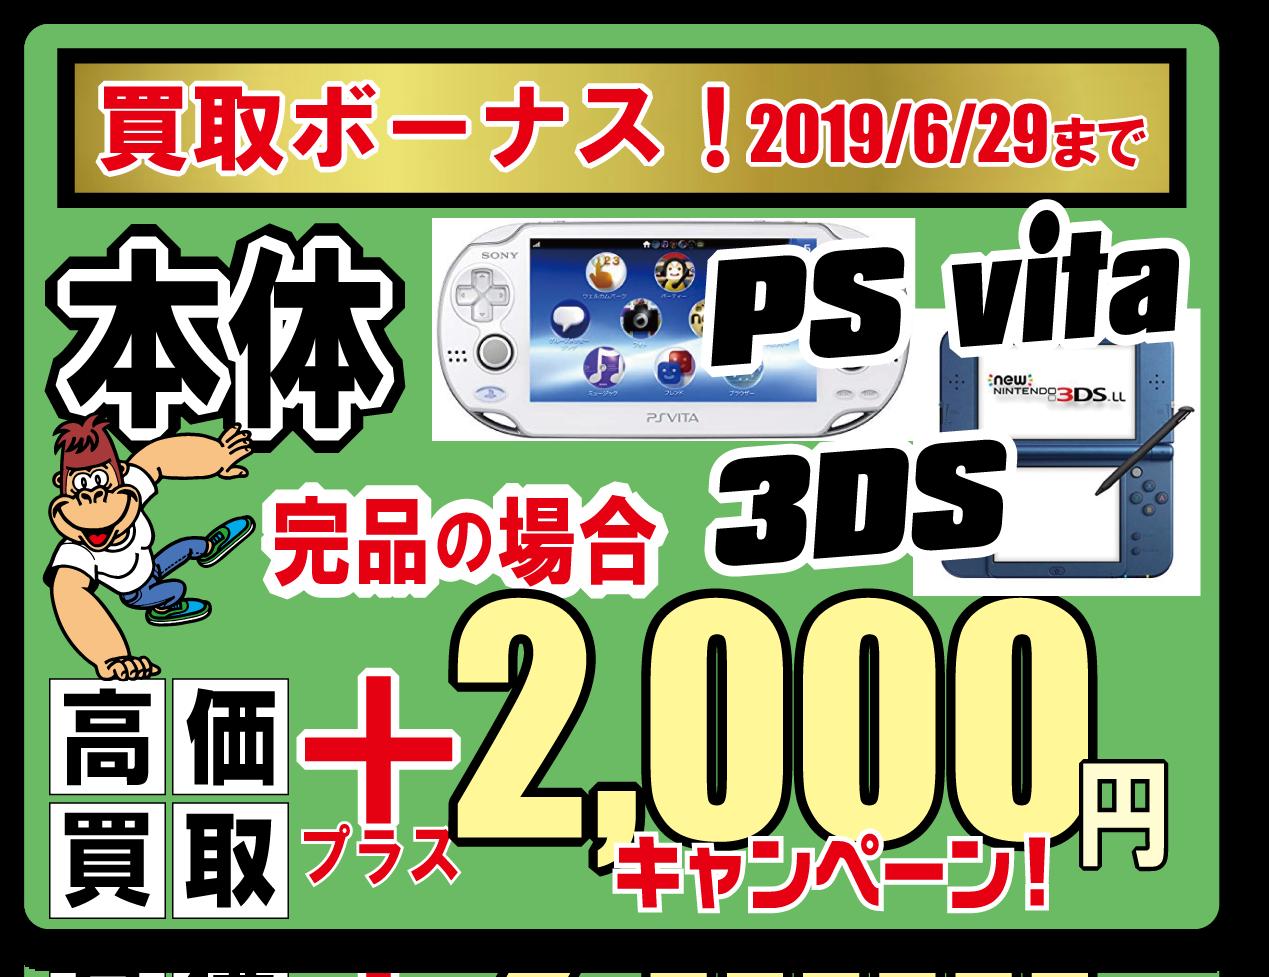 店頭買取限定【PS Vita&3DS本体 買取2000円プラス!】2019/6/29まで実施中!